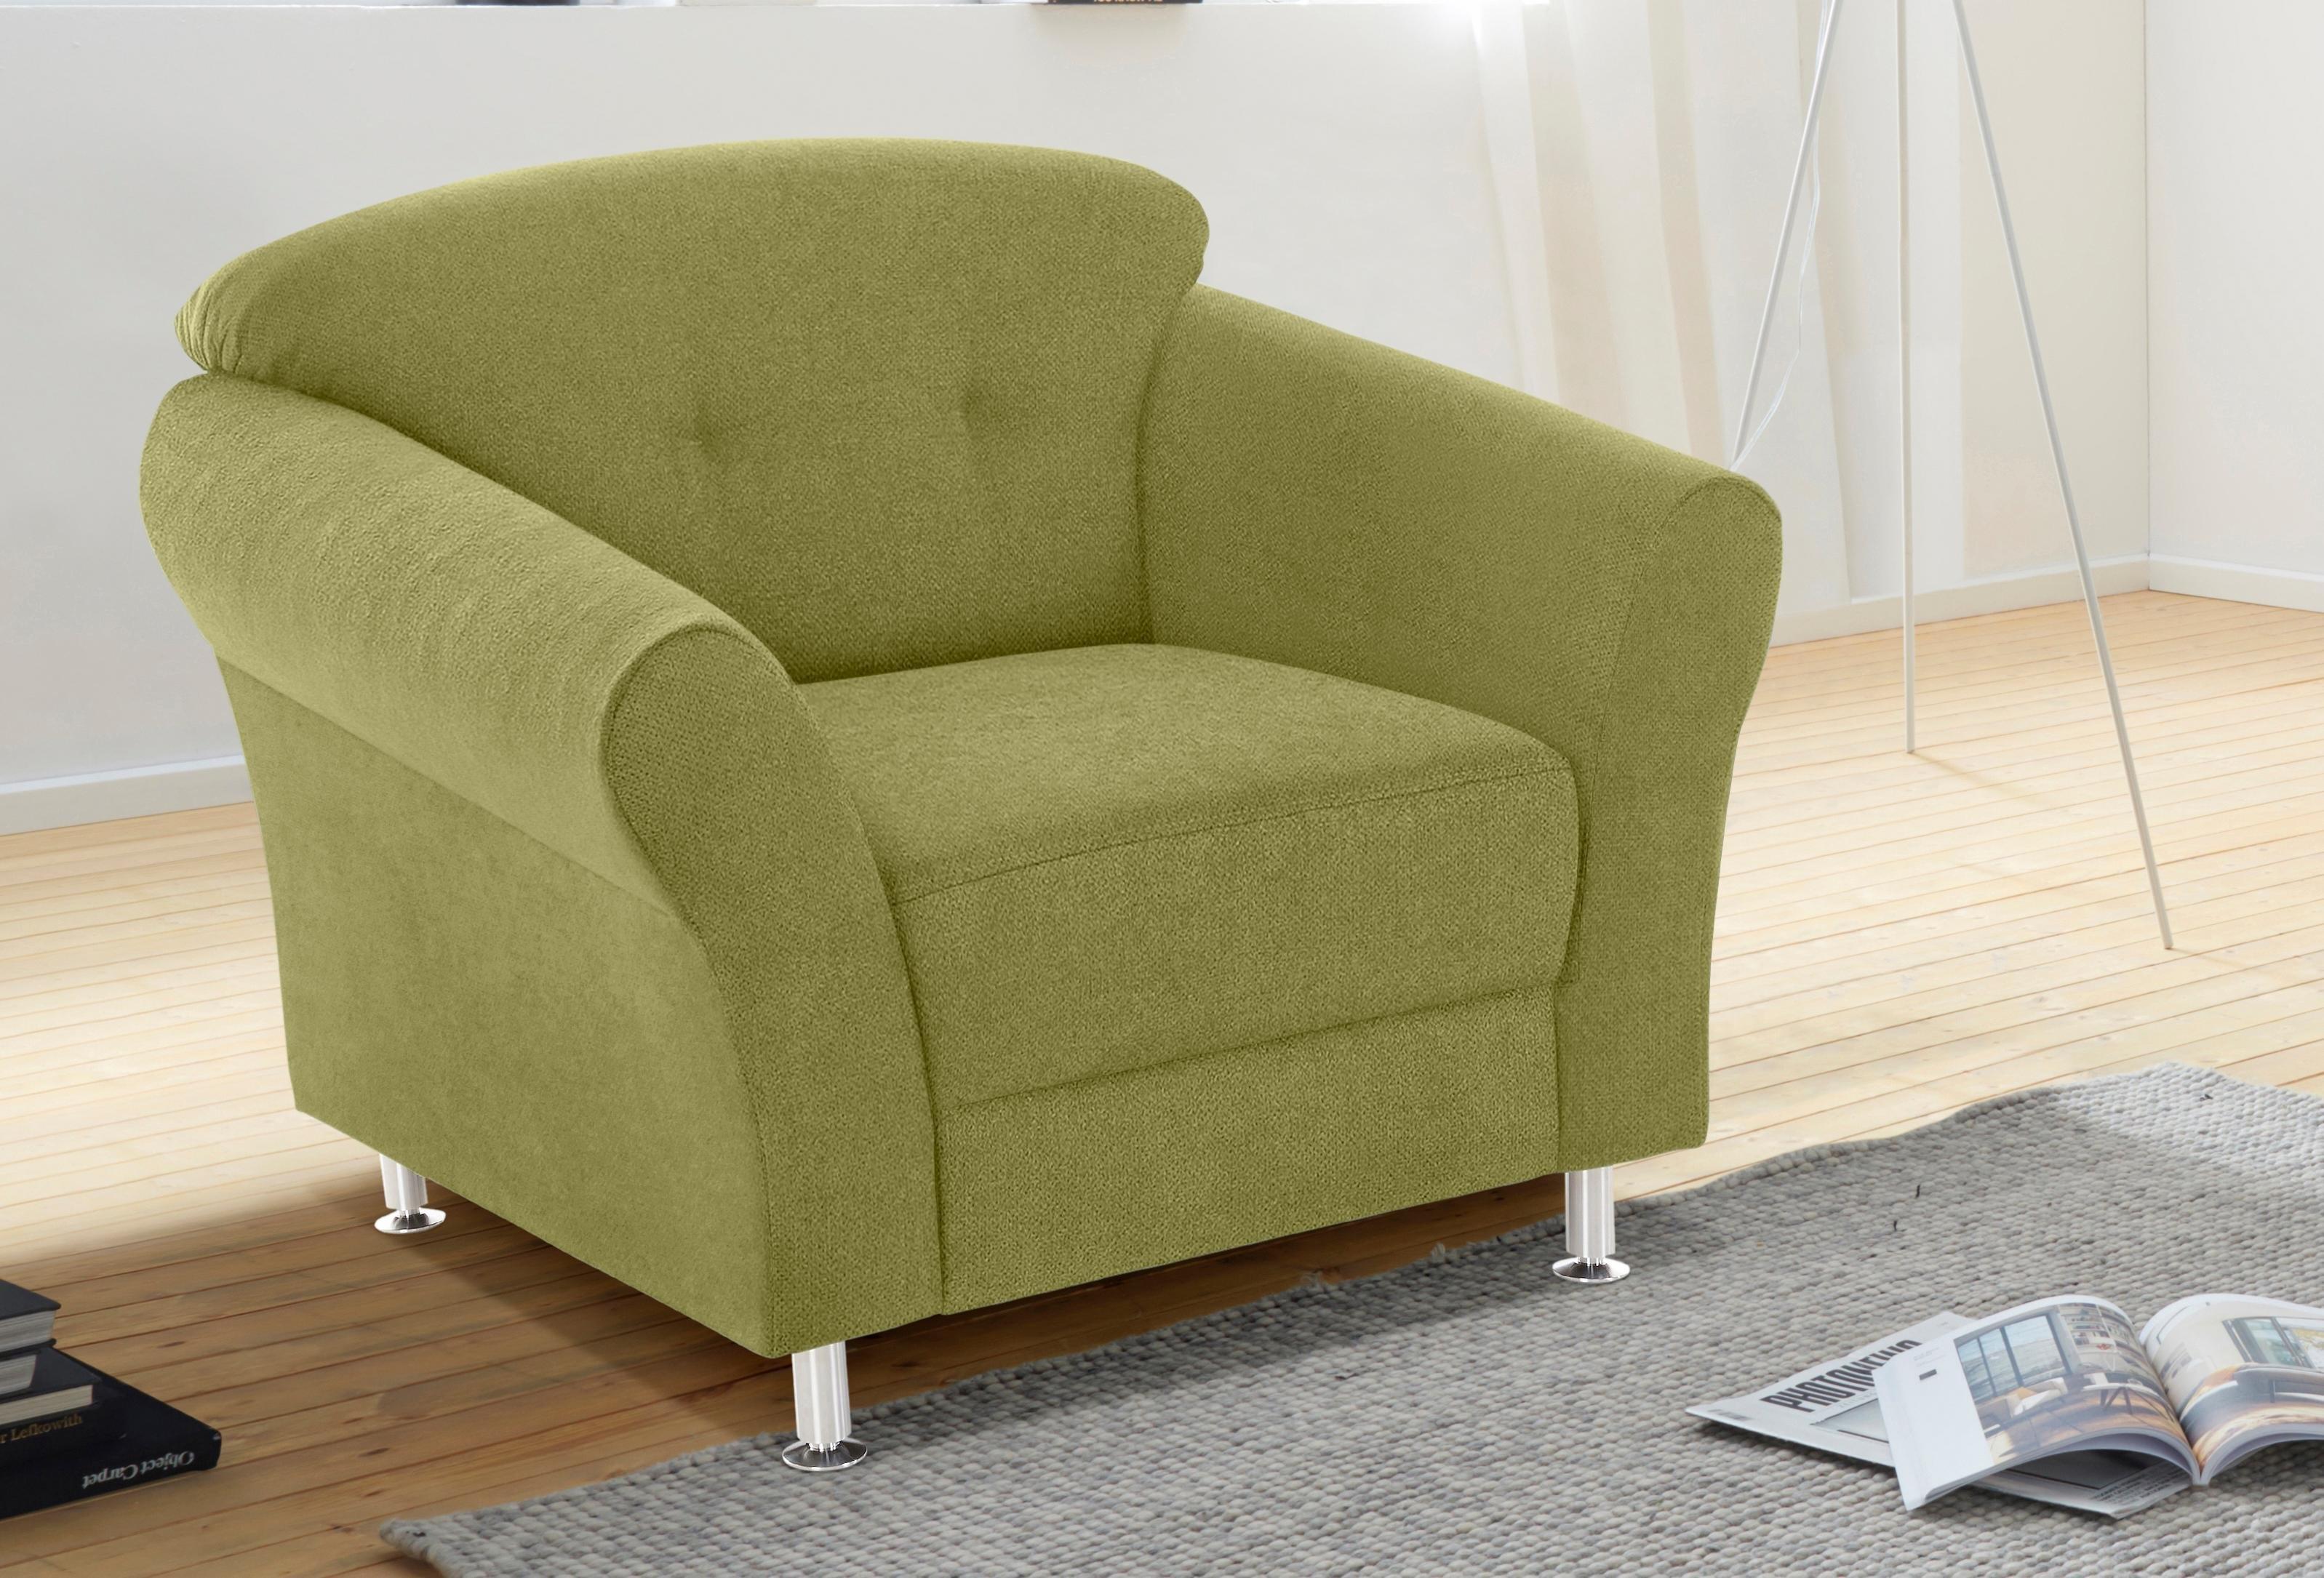 sit&more fauteuil, met binnenvering voordelig en veilig online kopen